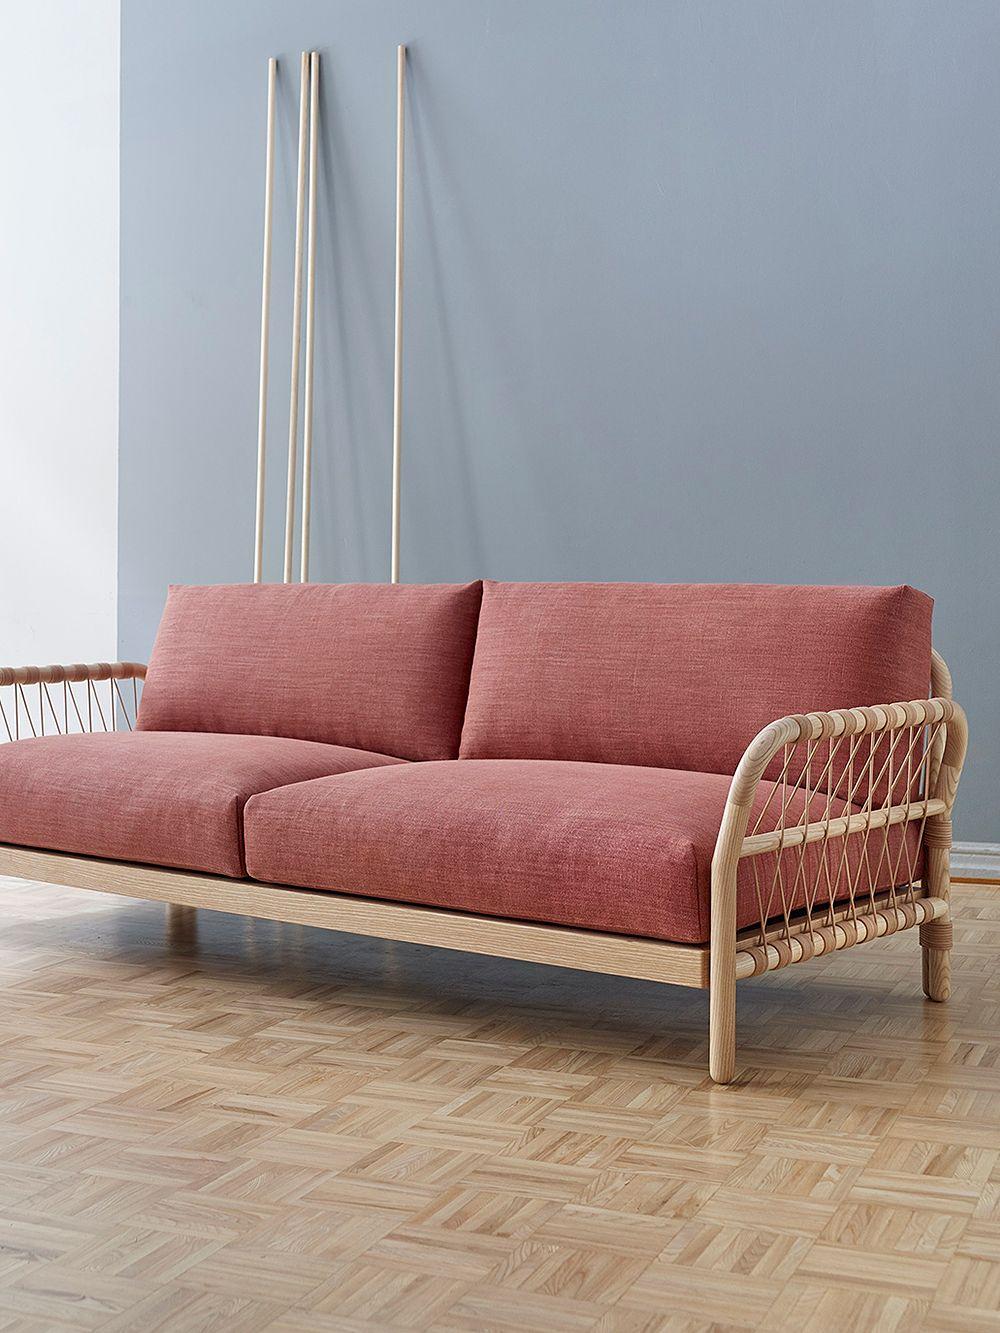 Adea Harper sofa